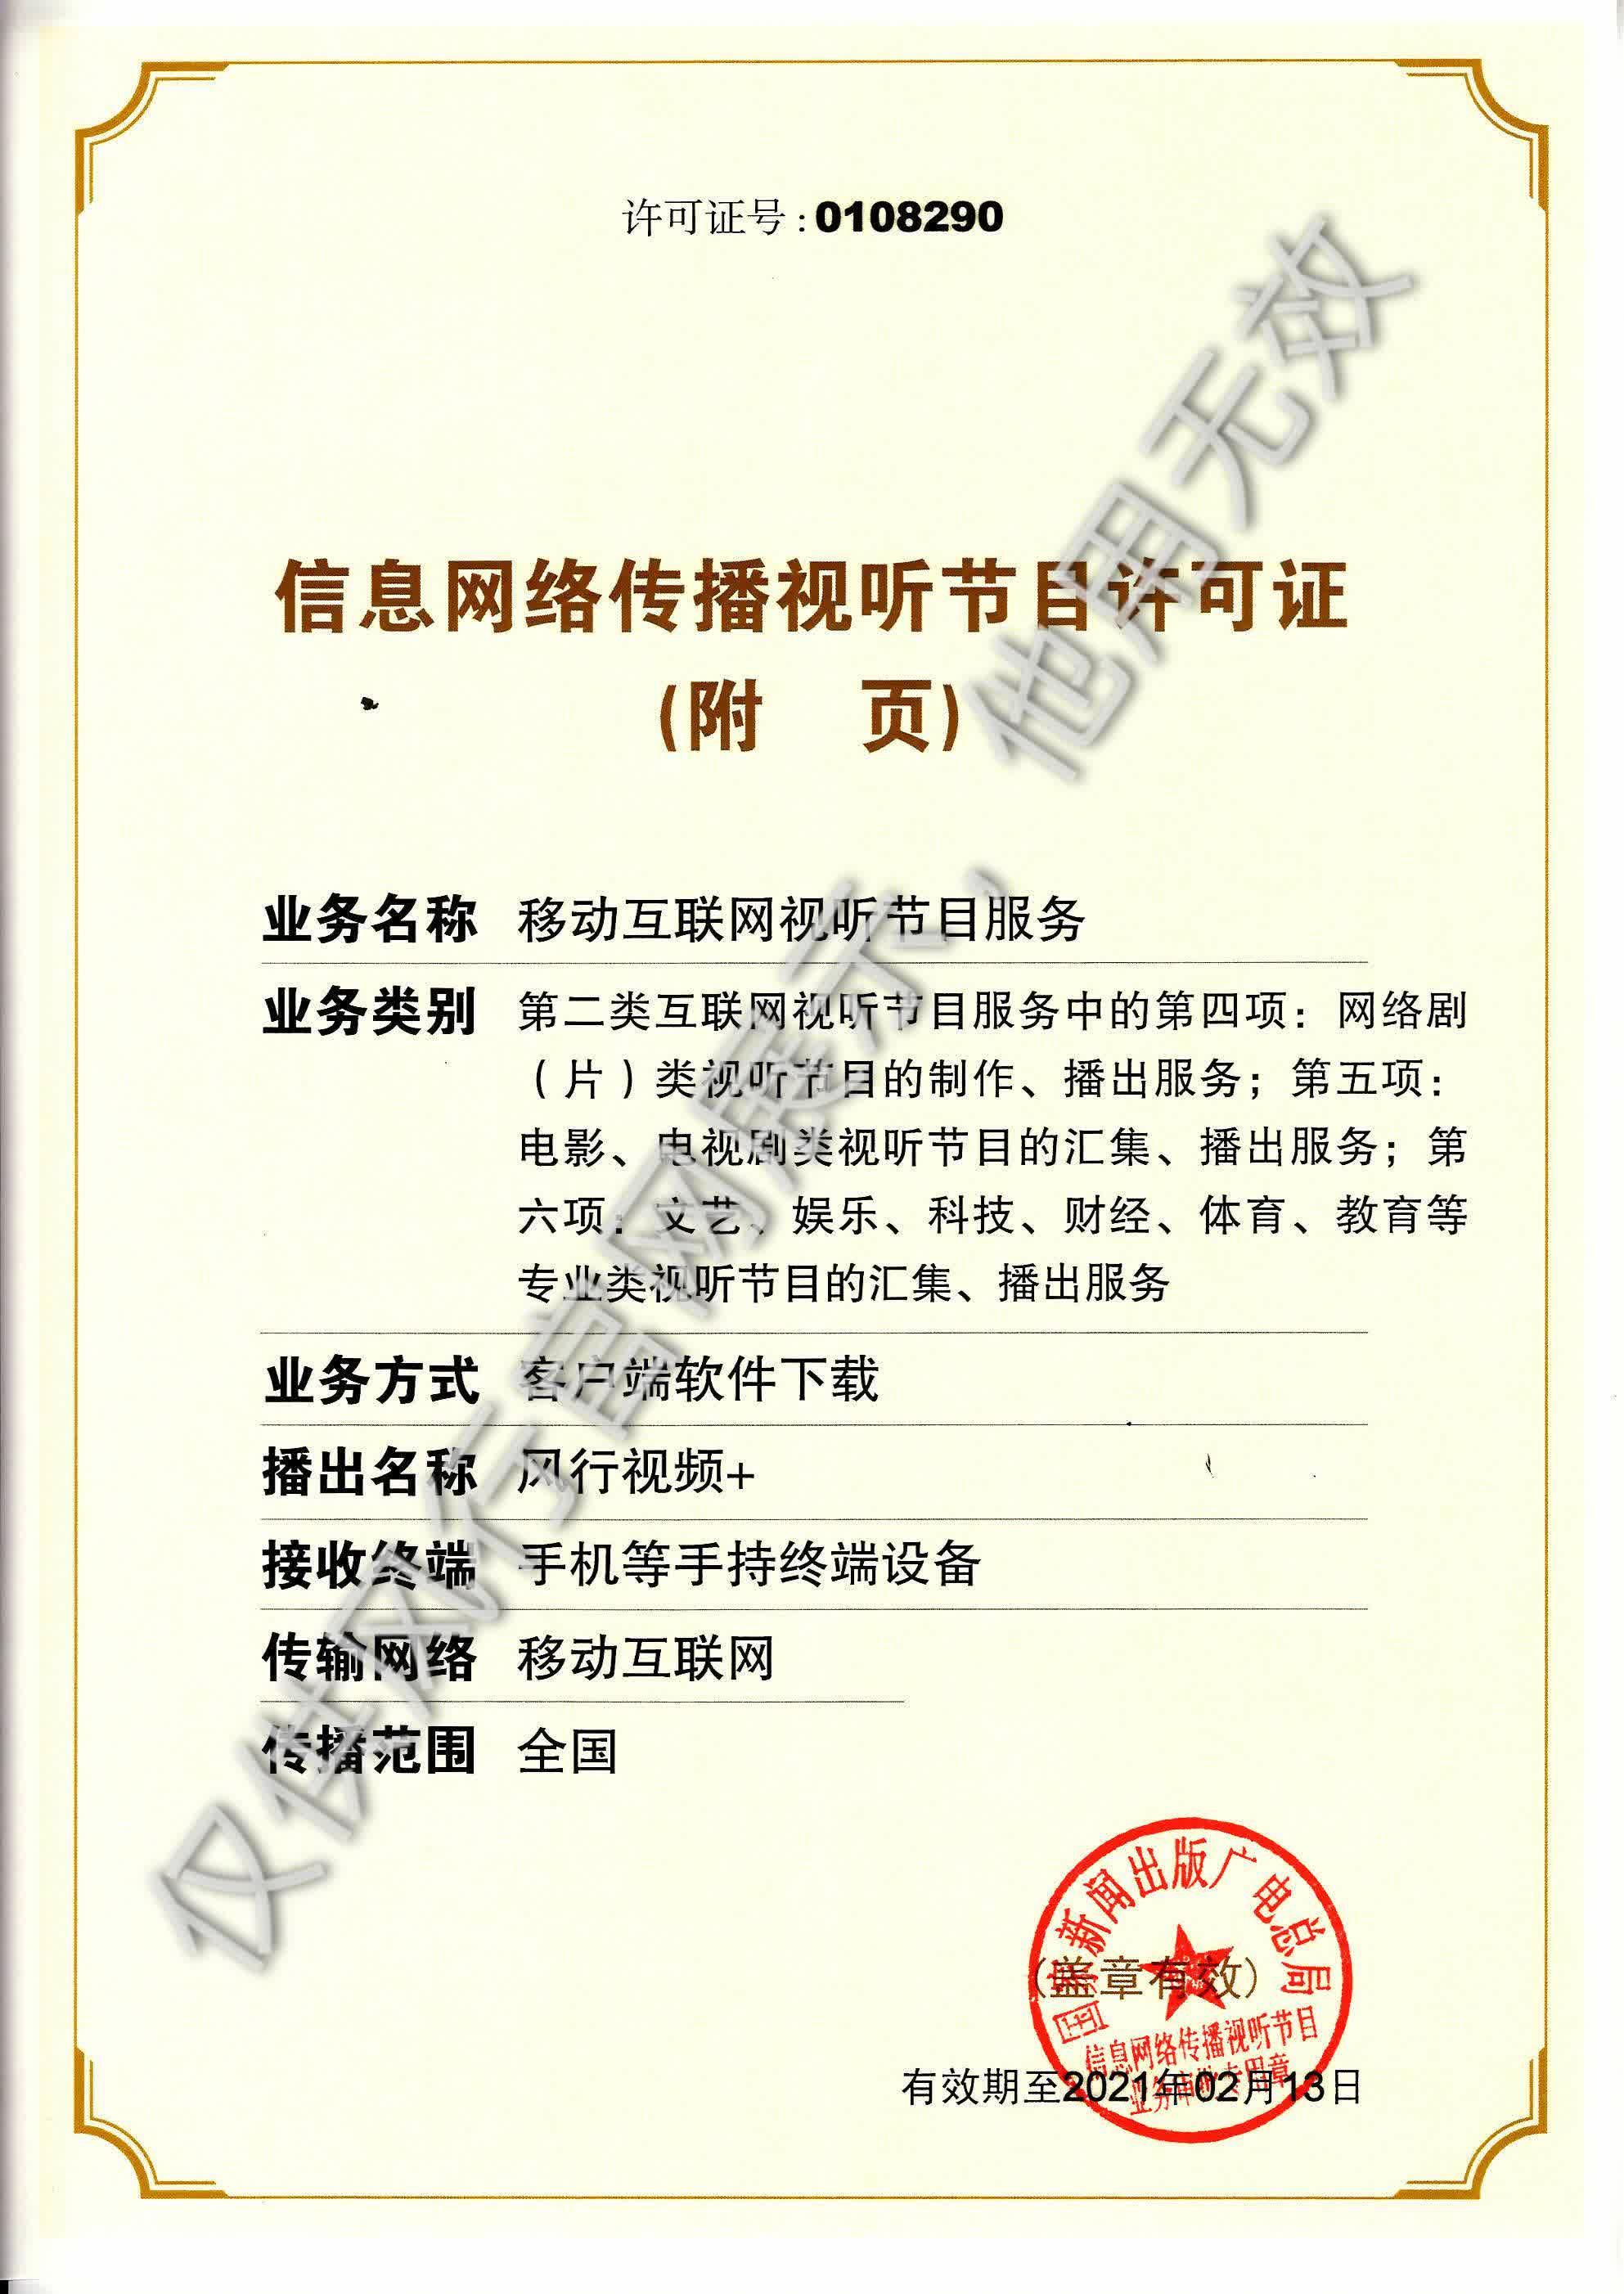 网络视听许可证0108290号 第2页